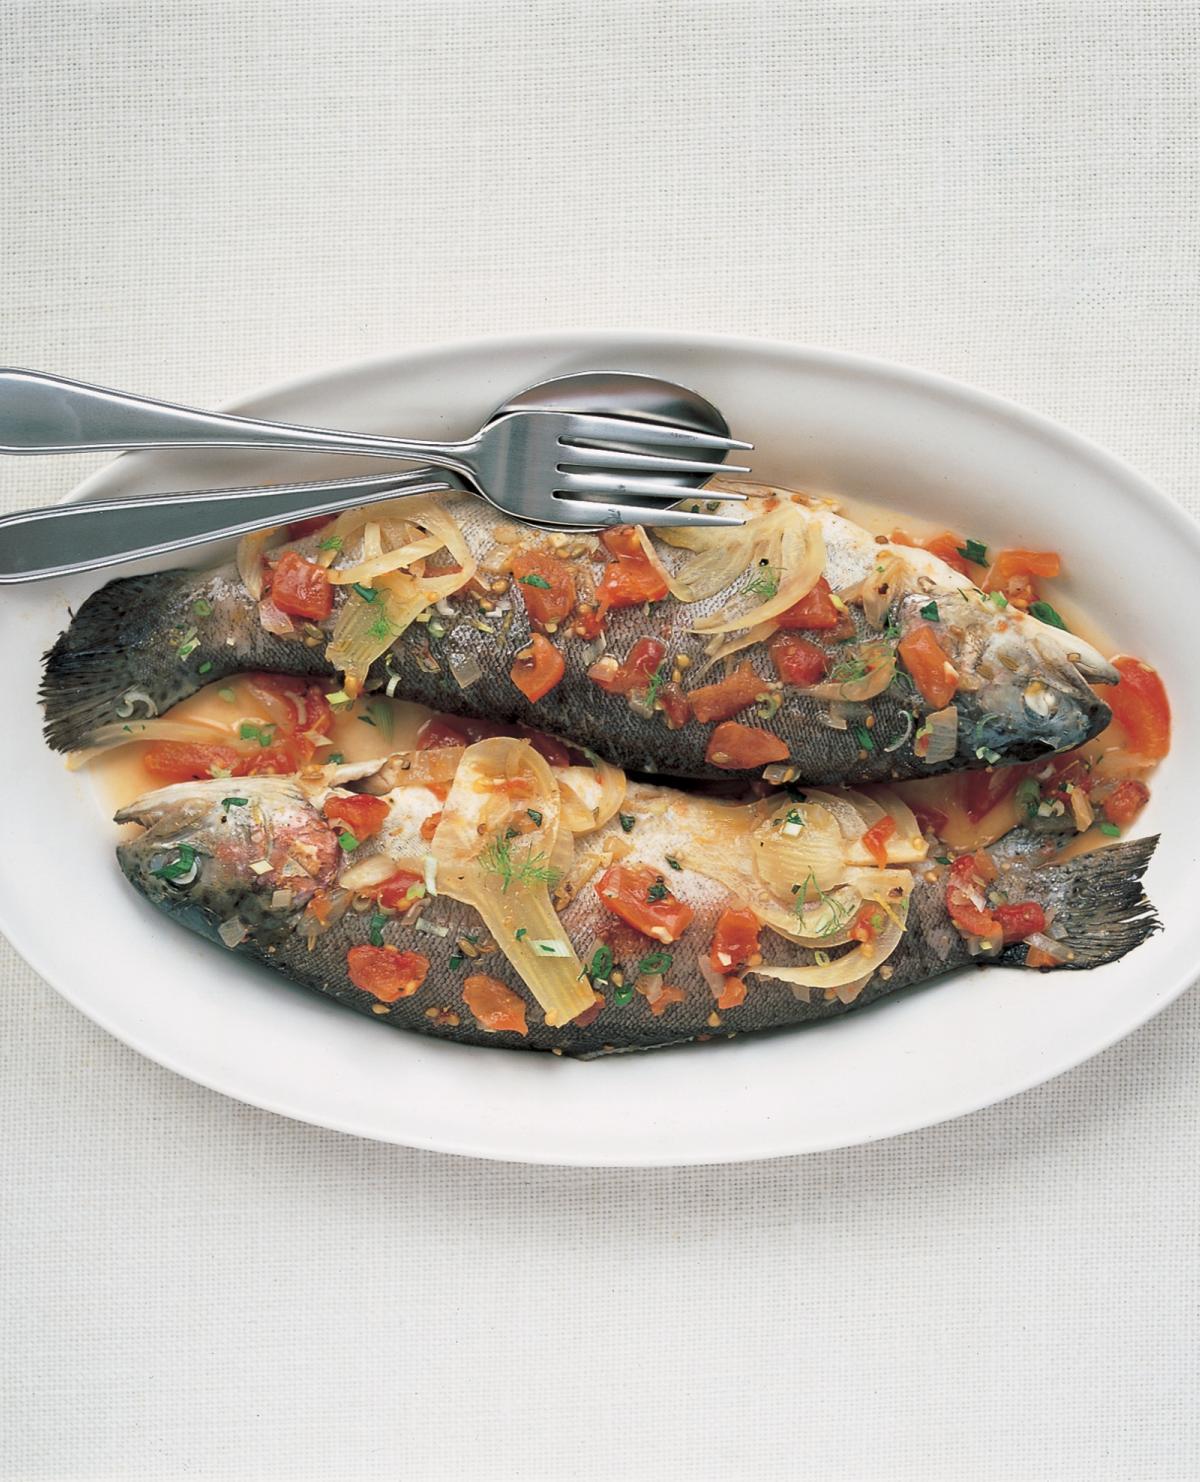 A picture of Delia's Fish recipes recipes